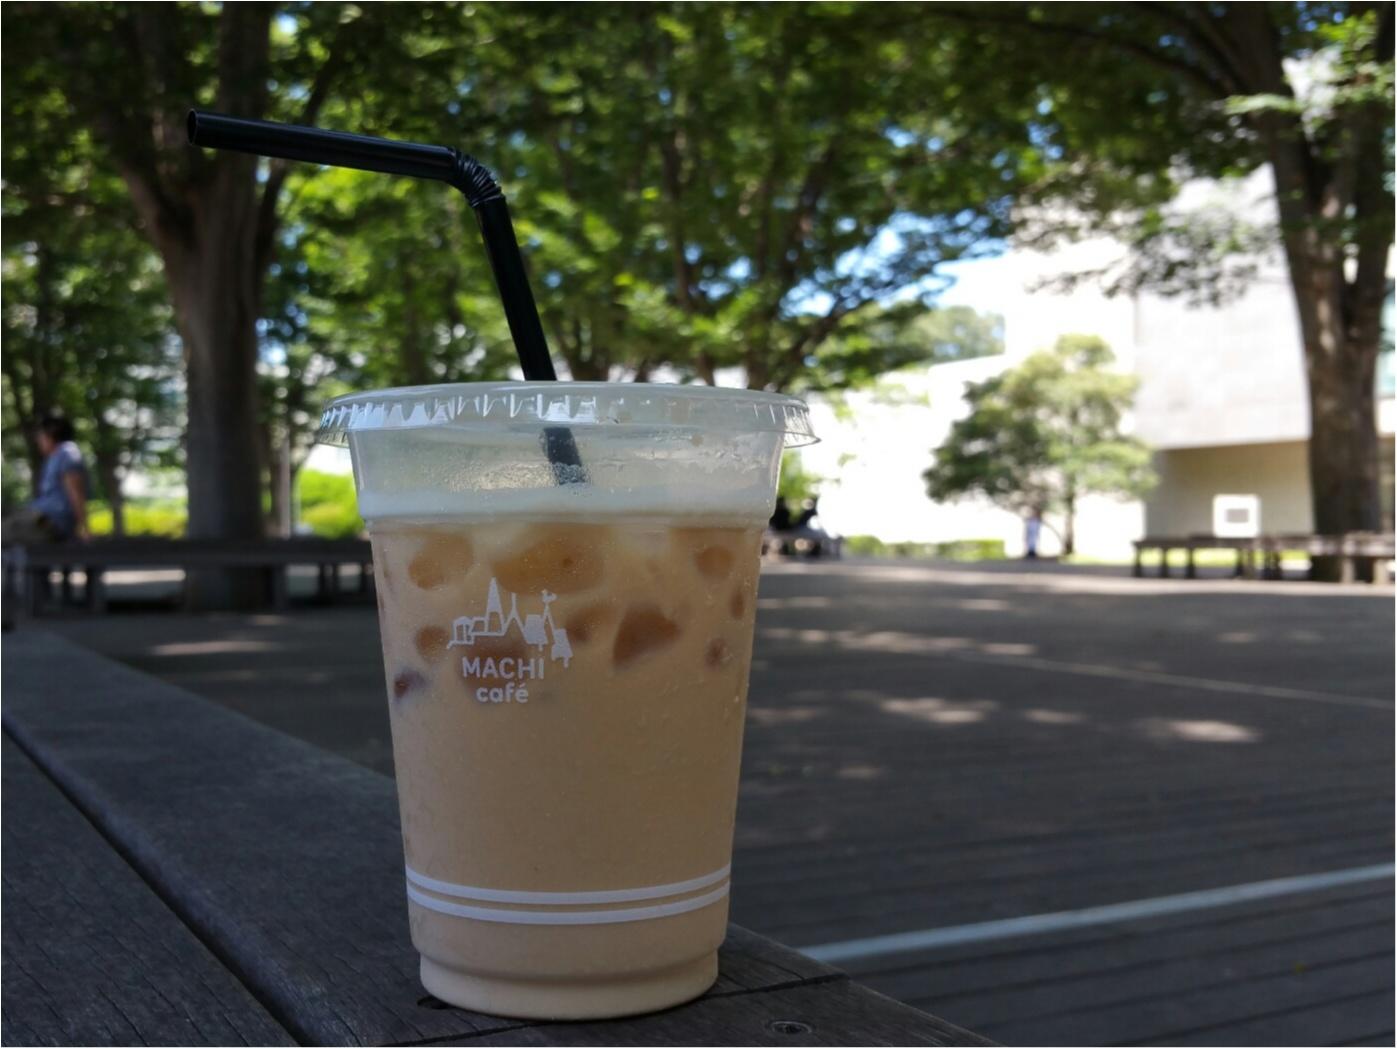 【夏のお昼休みにベンチで気分転換♡】LAWSONのmachicafe&uchicafe_1